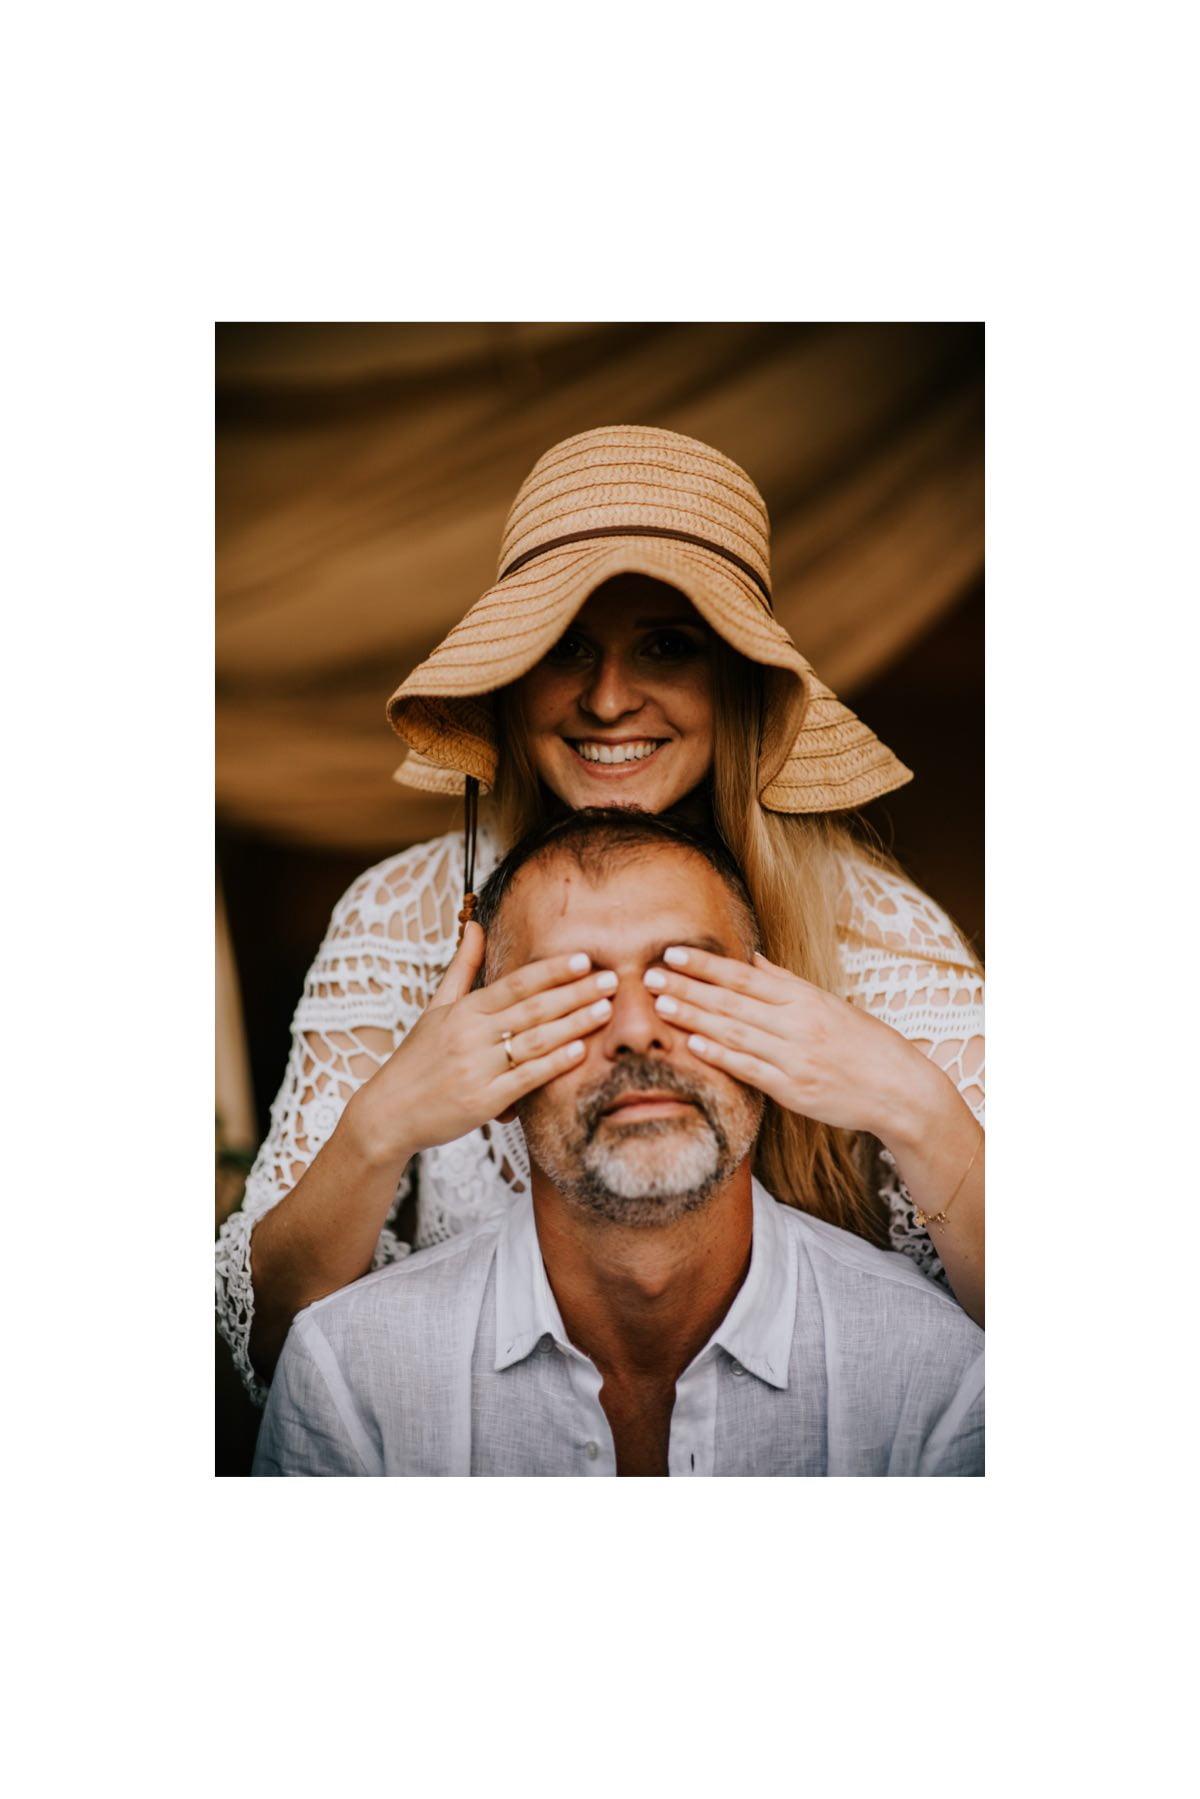 narzeczeni, mężczyzna i kobieta portret